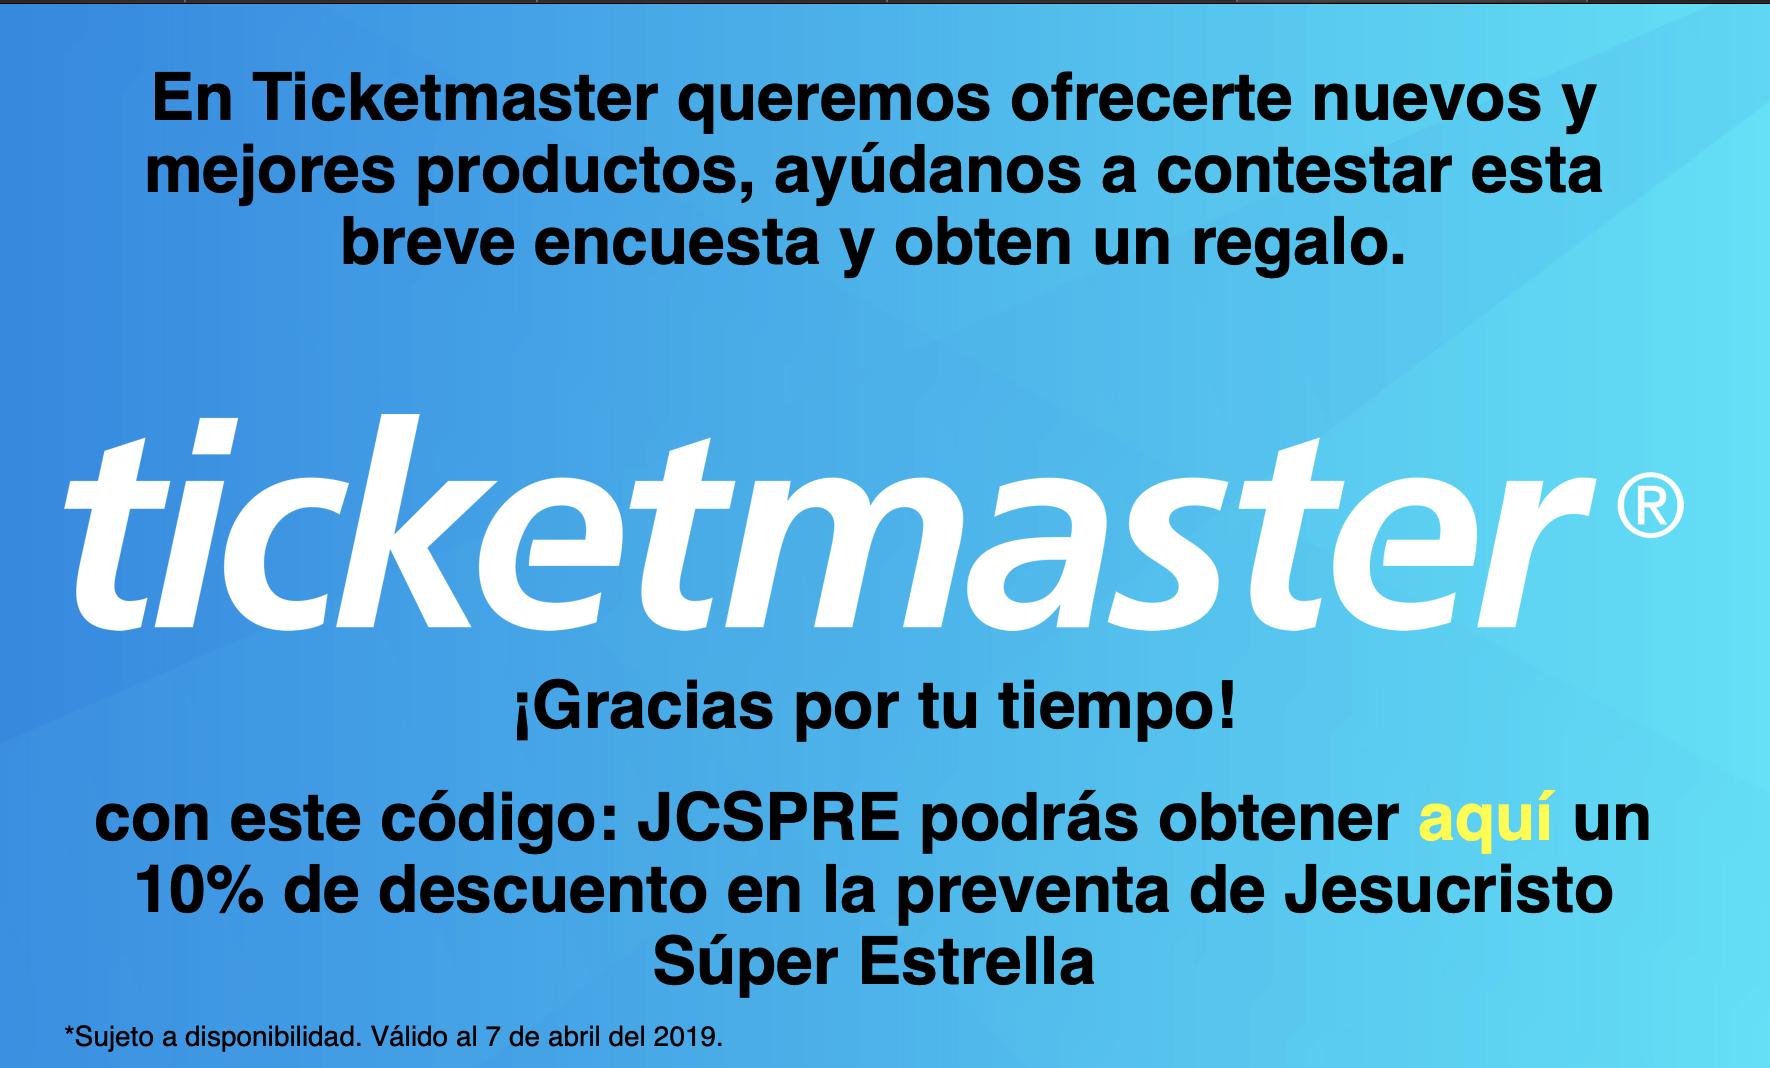 Ticketmaster: 10% de descuento en la preventa de Jesucristo Súper Estrella